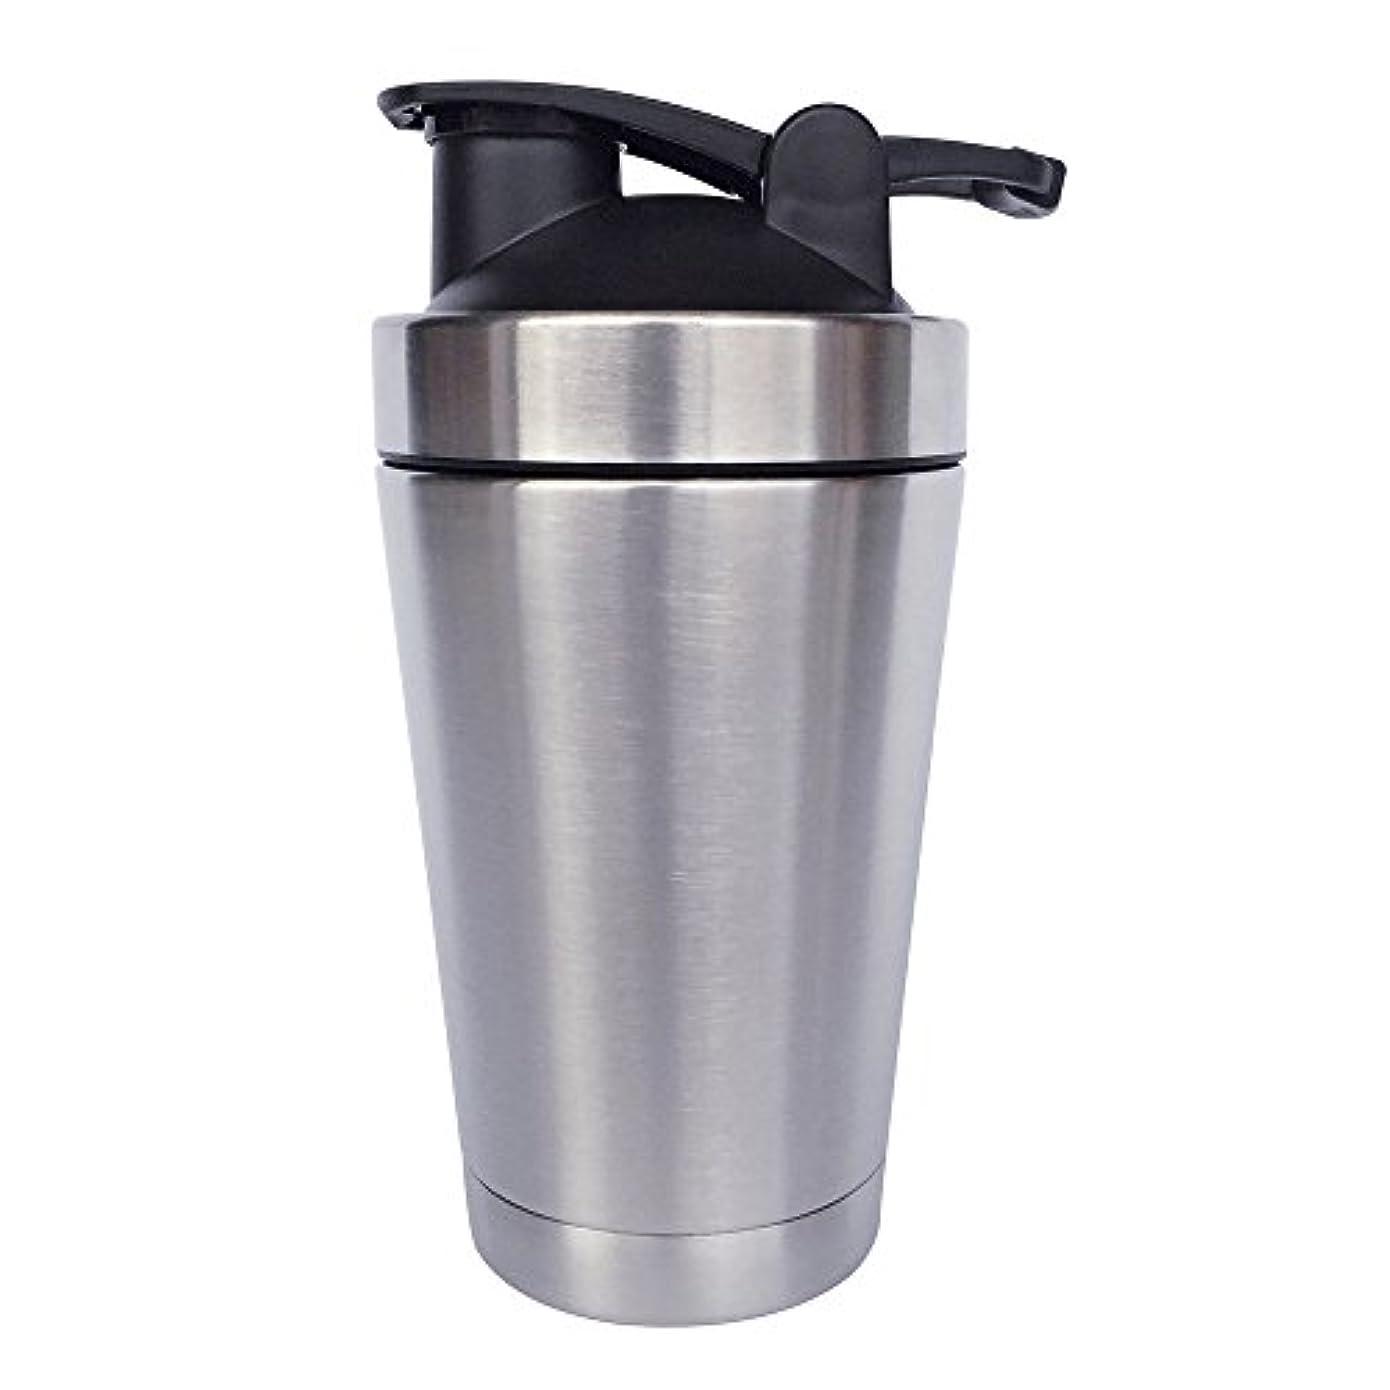 計画的経験者不毛ステンレス鋼 スポーツウォーターボトル タンパク質ミルクセーキシェーカー?カップ 振ってボール 小さいサイズ 500ml